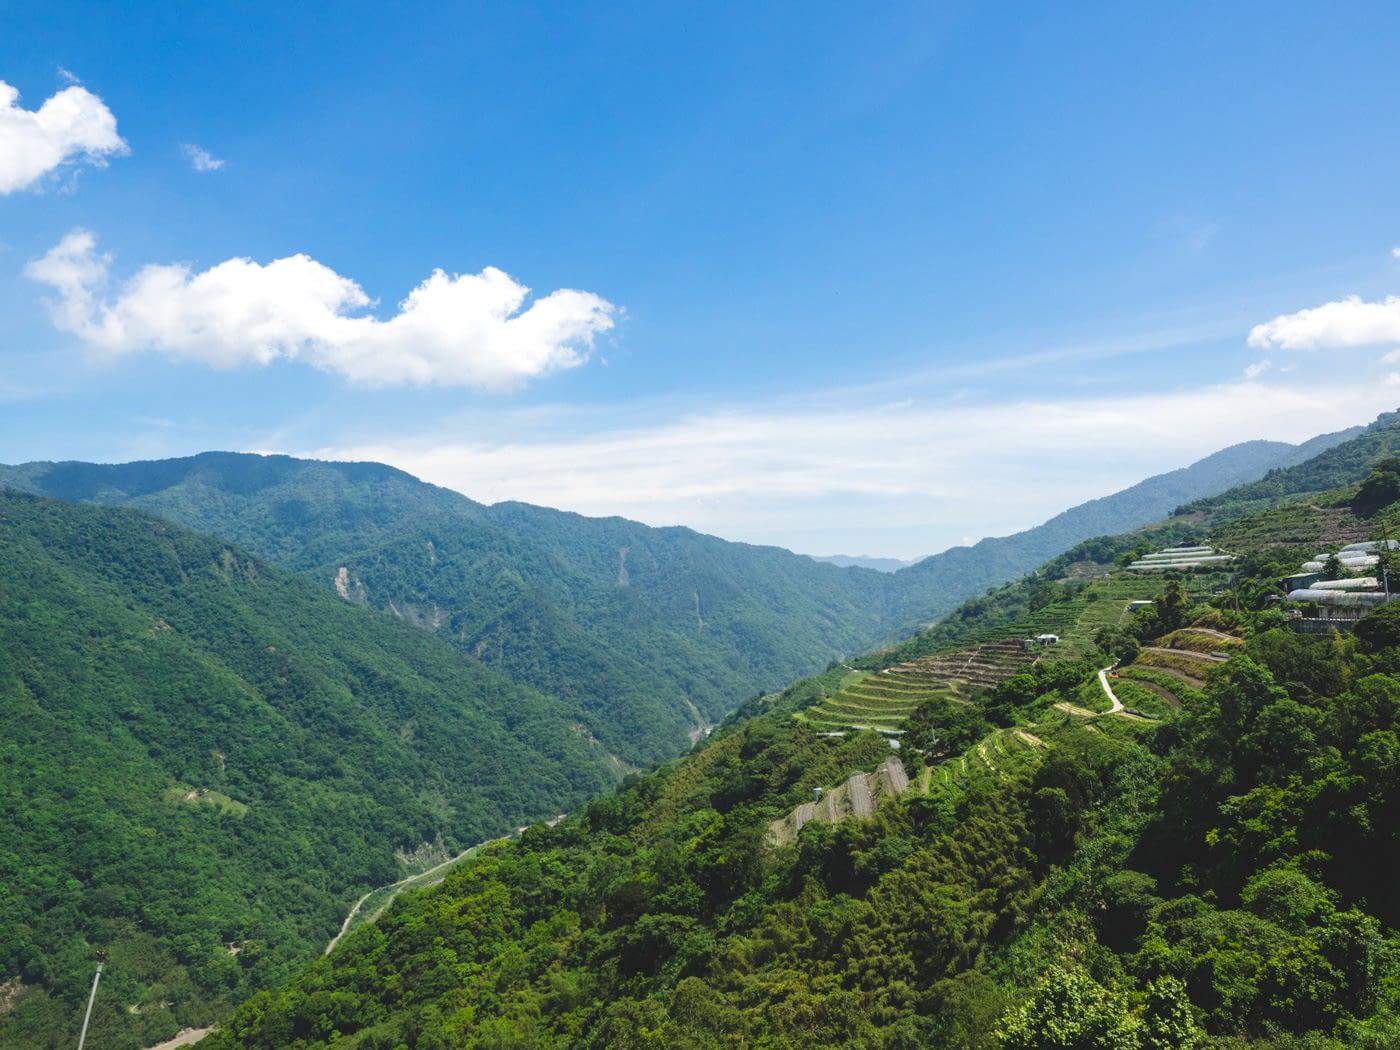 Taiwan - Qingjing - Plantation on a mountain